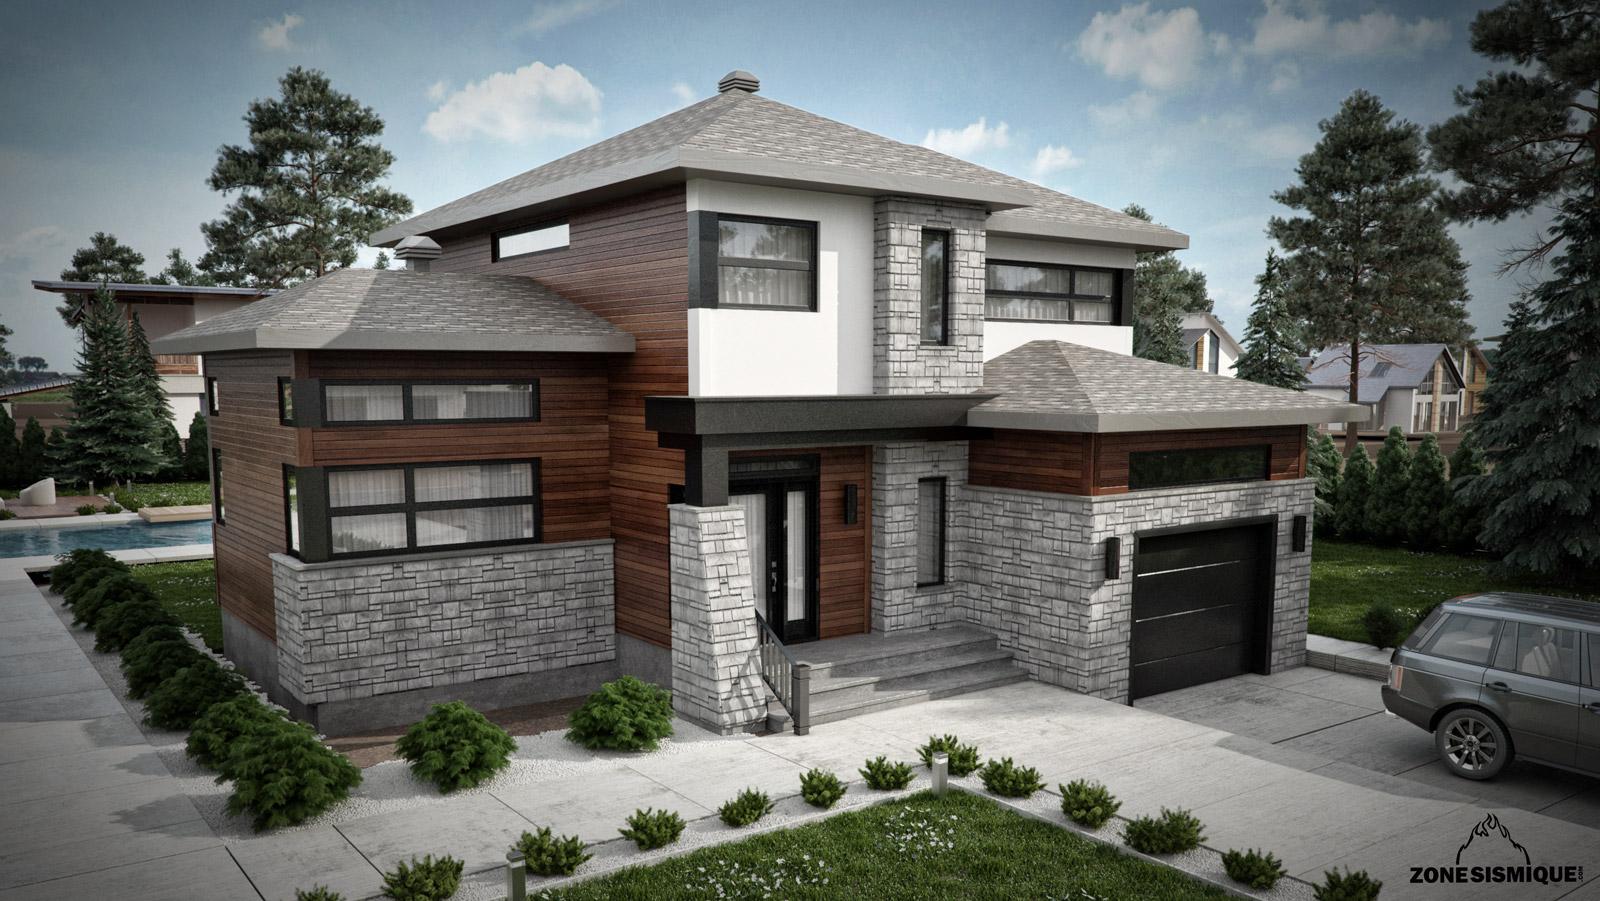 maison moderne cube. Black Bedroom Furniture Sets. Home Design Ideas